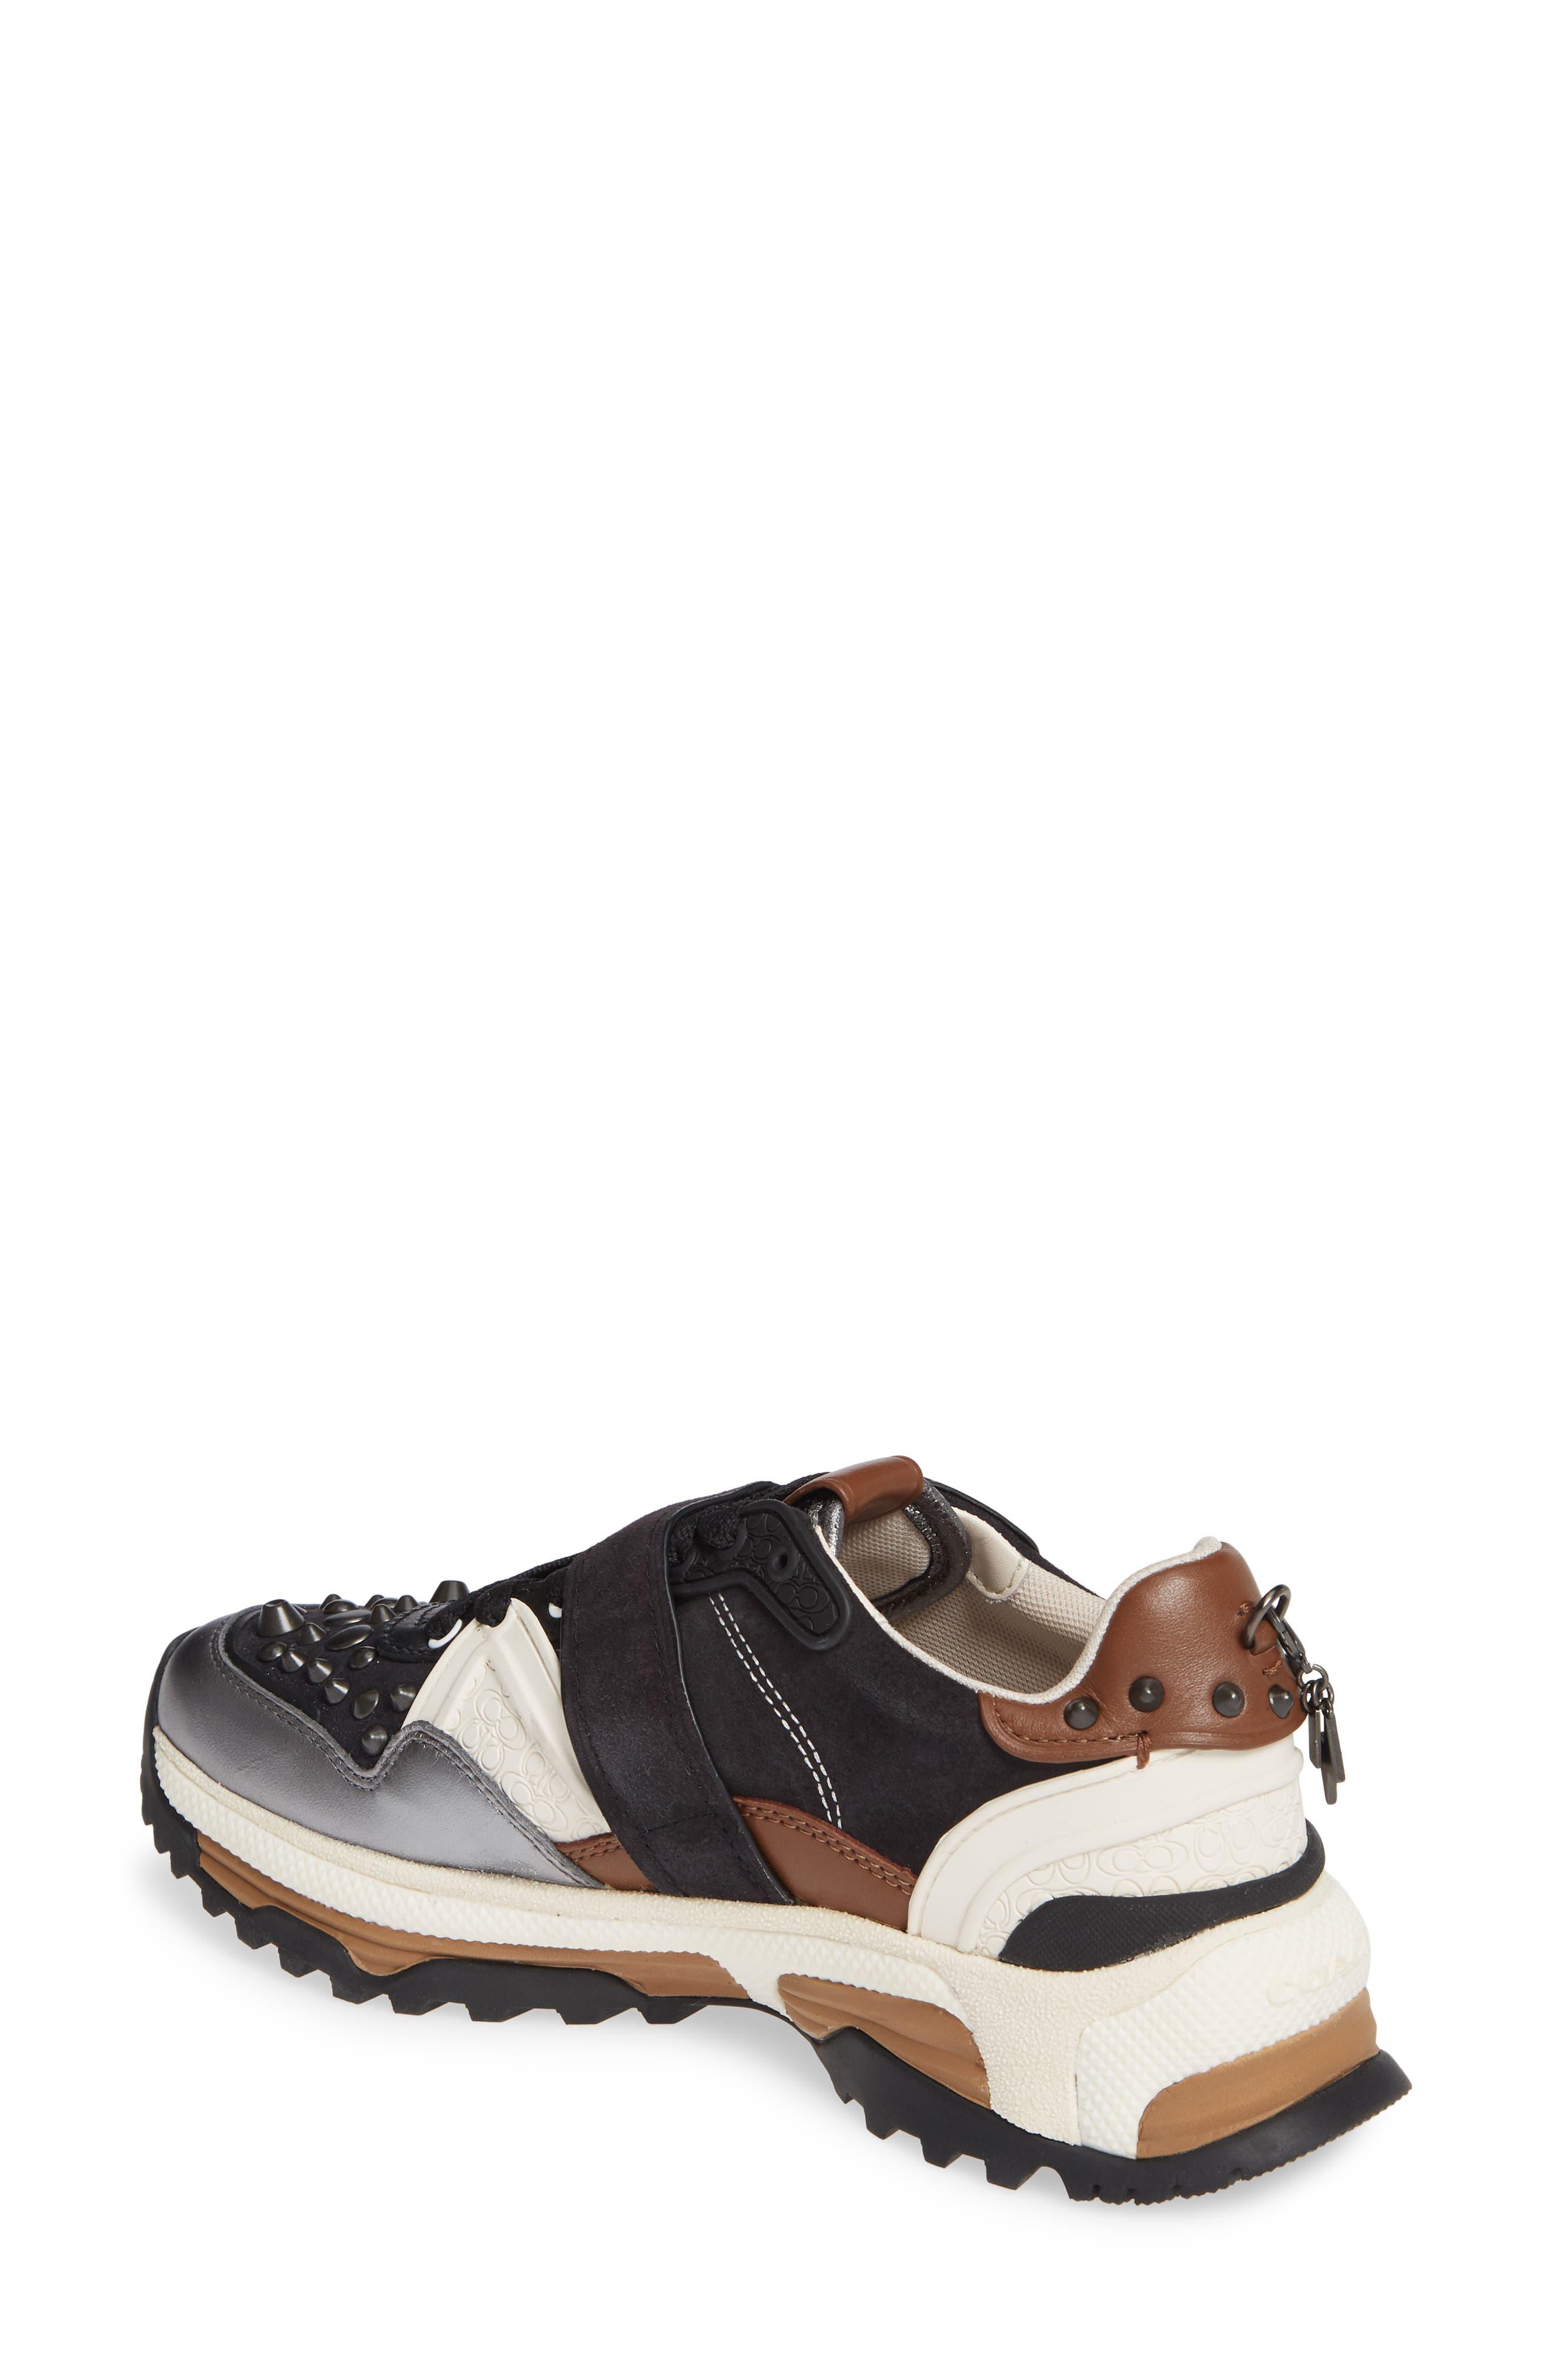 C143 Studded Sneaker,                             Alternate thumbnail 2, color,                             BLACK/ GUNMETAL LEATHER